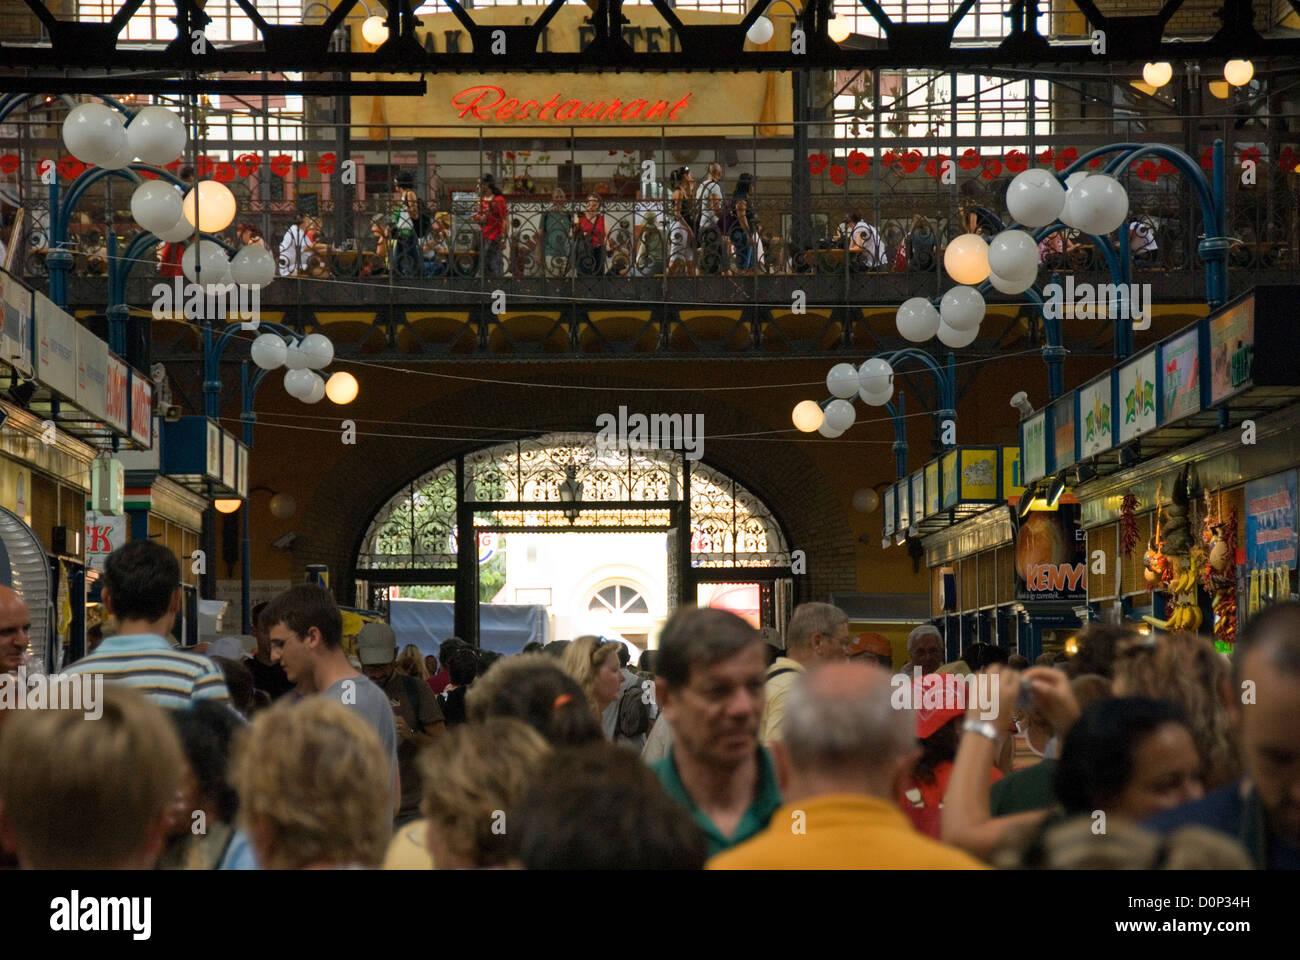 Magyar market hall, Budapest, Hungary - Stock Image